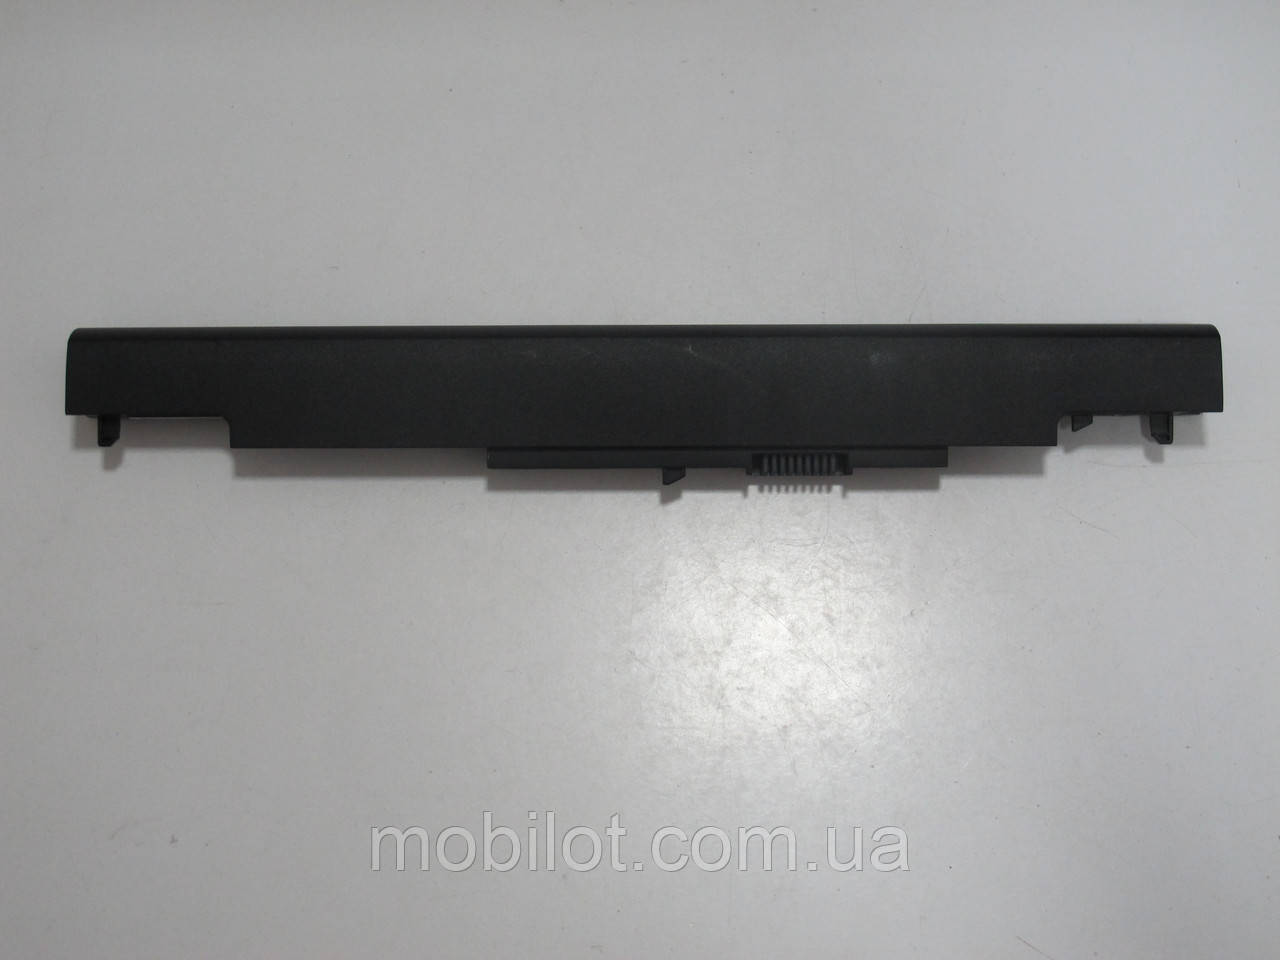 Аккумуляторная батарея HP 250 G4 (NZ-6484)